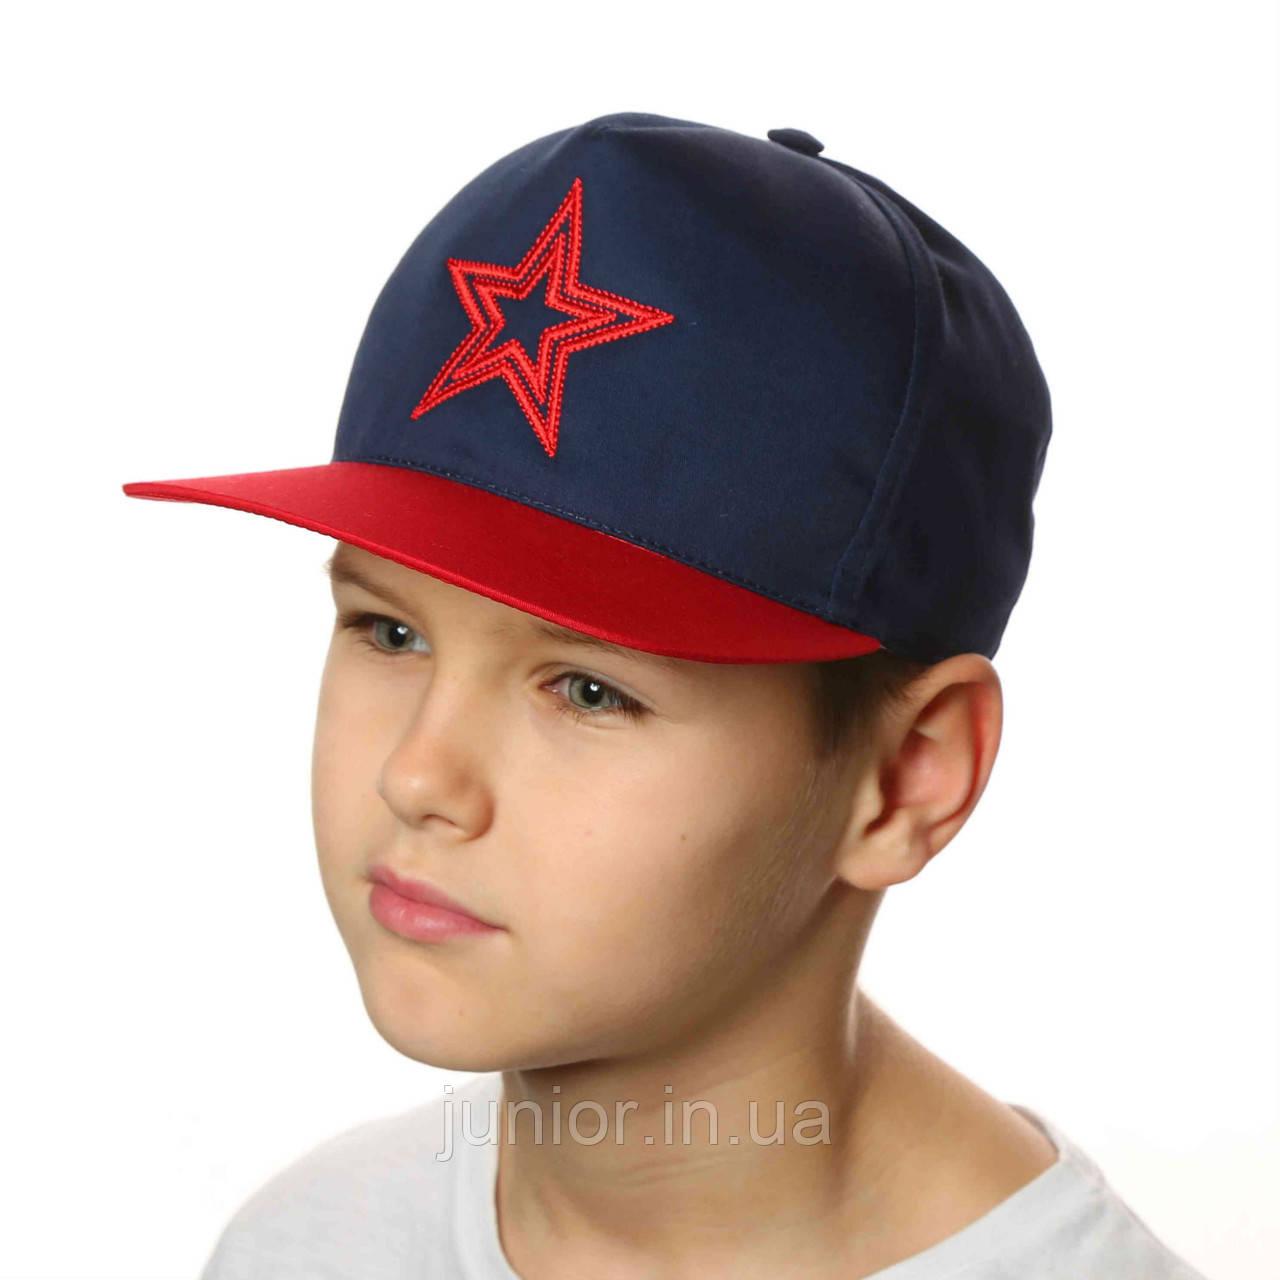 Кепка з прямим козирком, бейсболка для хлопчика.Snapback .